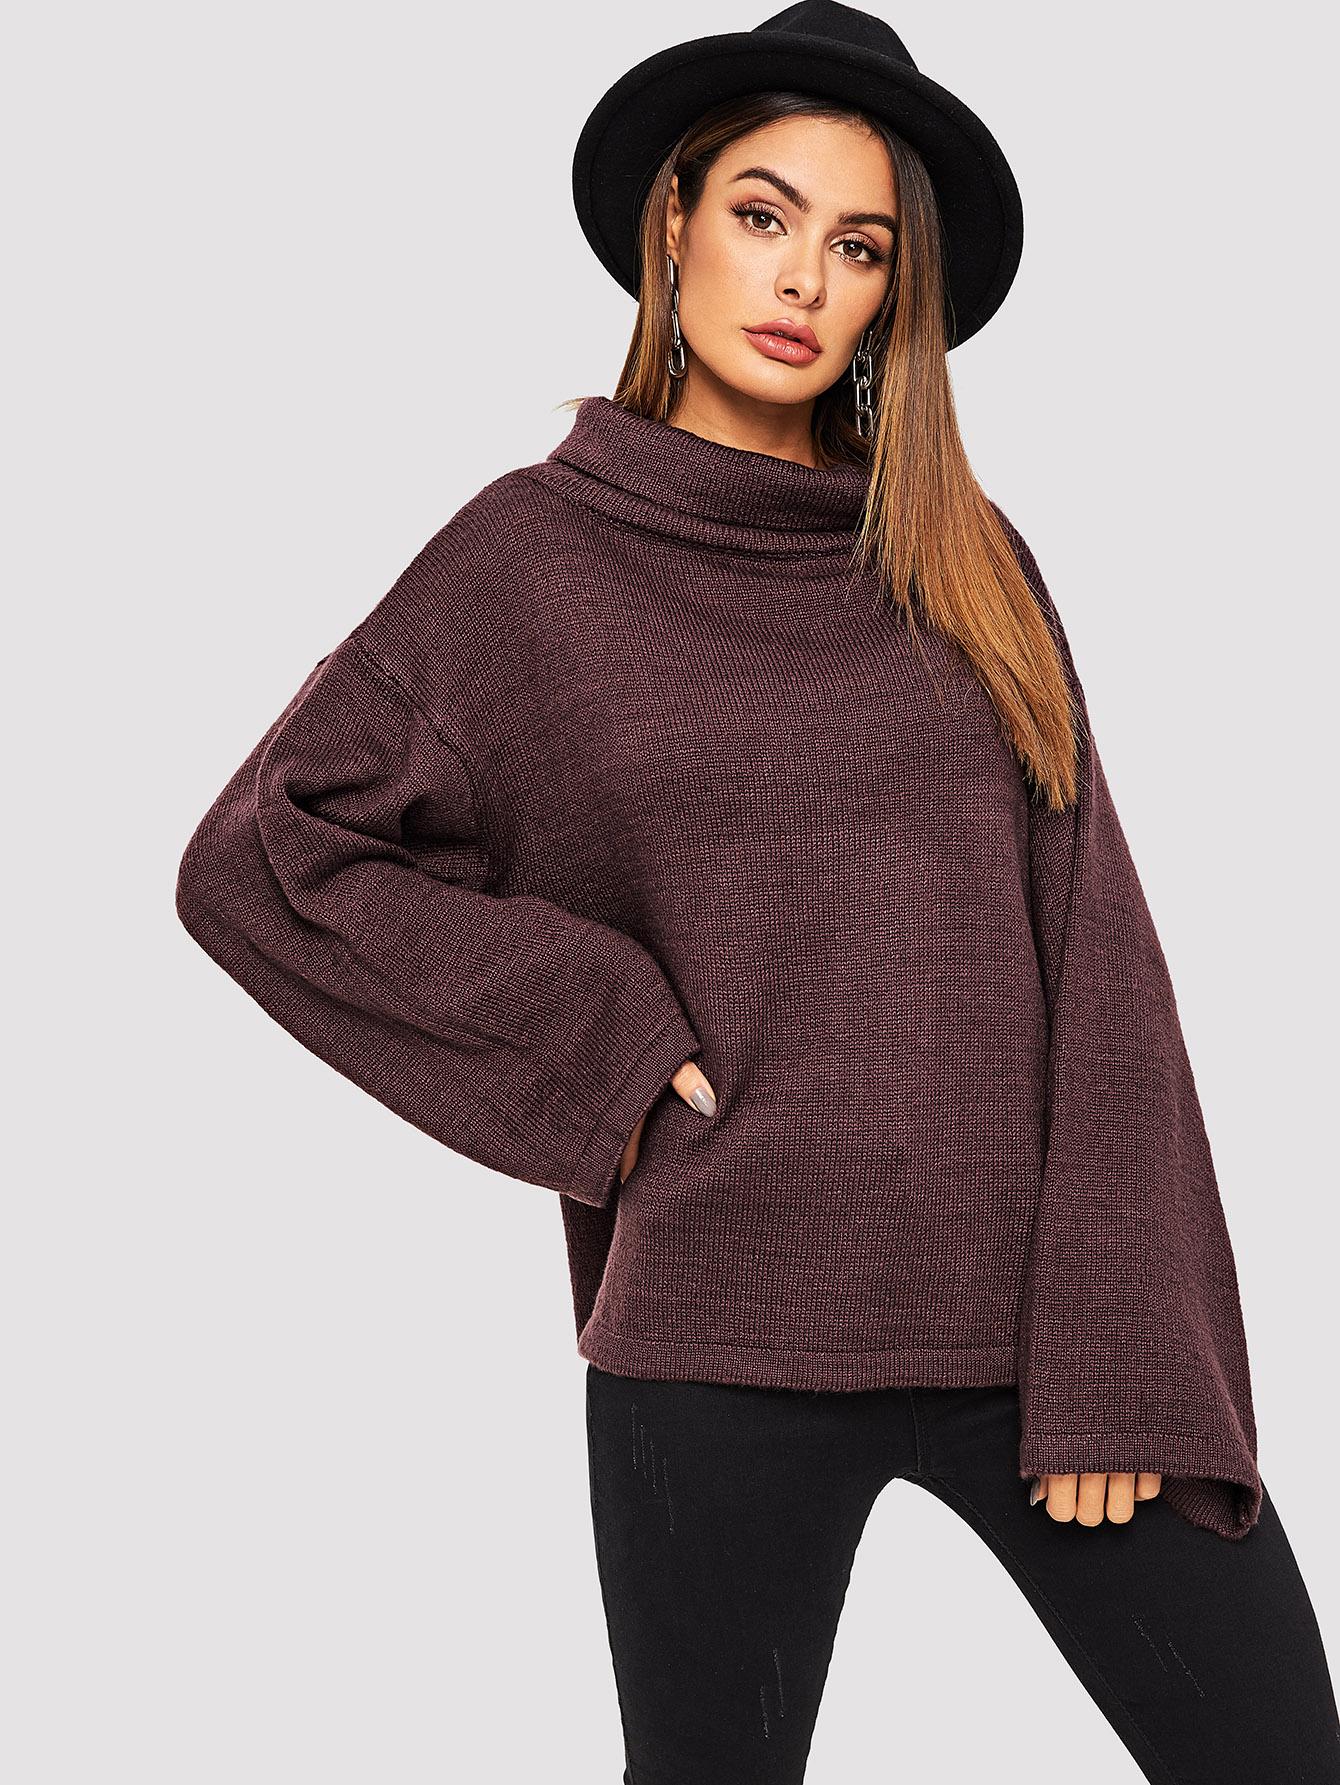 Купить Разрезный свитер с оригинальным рукавом и широким вырезом, Andy, SheIn